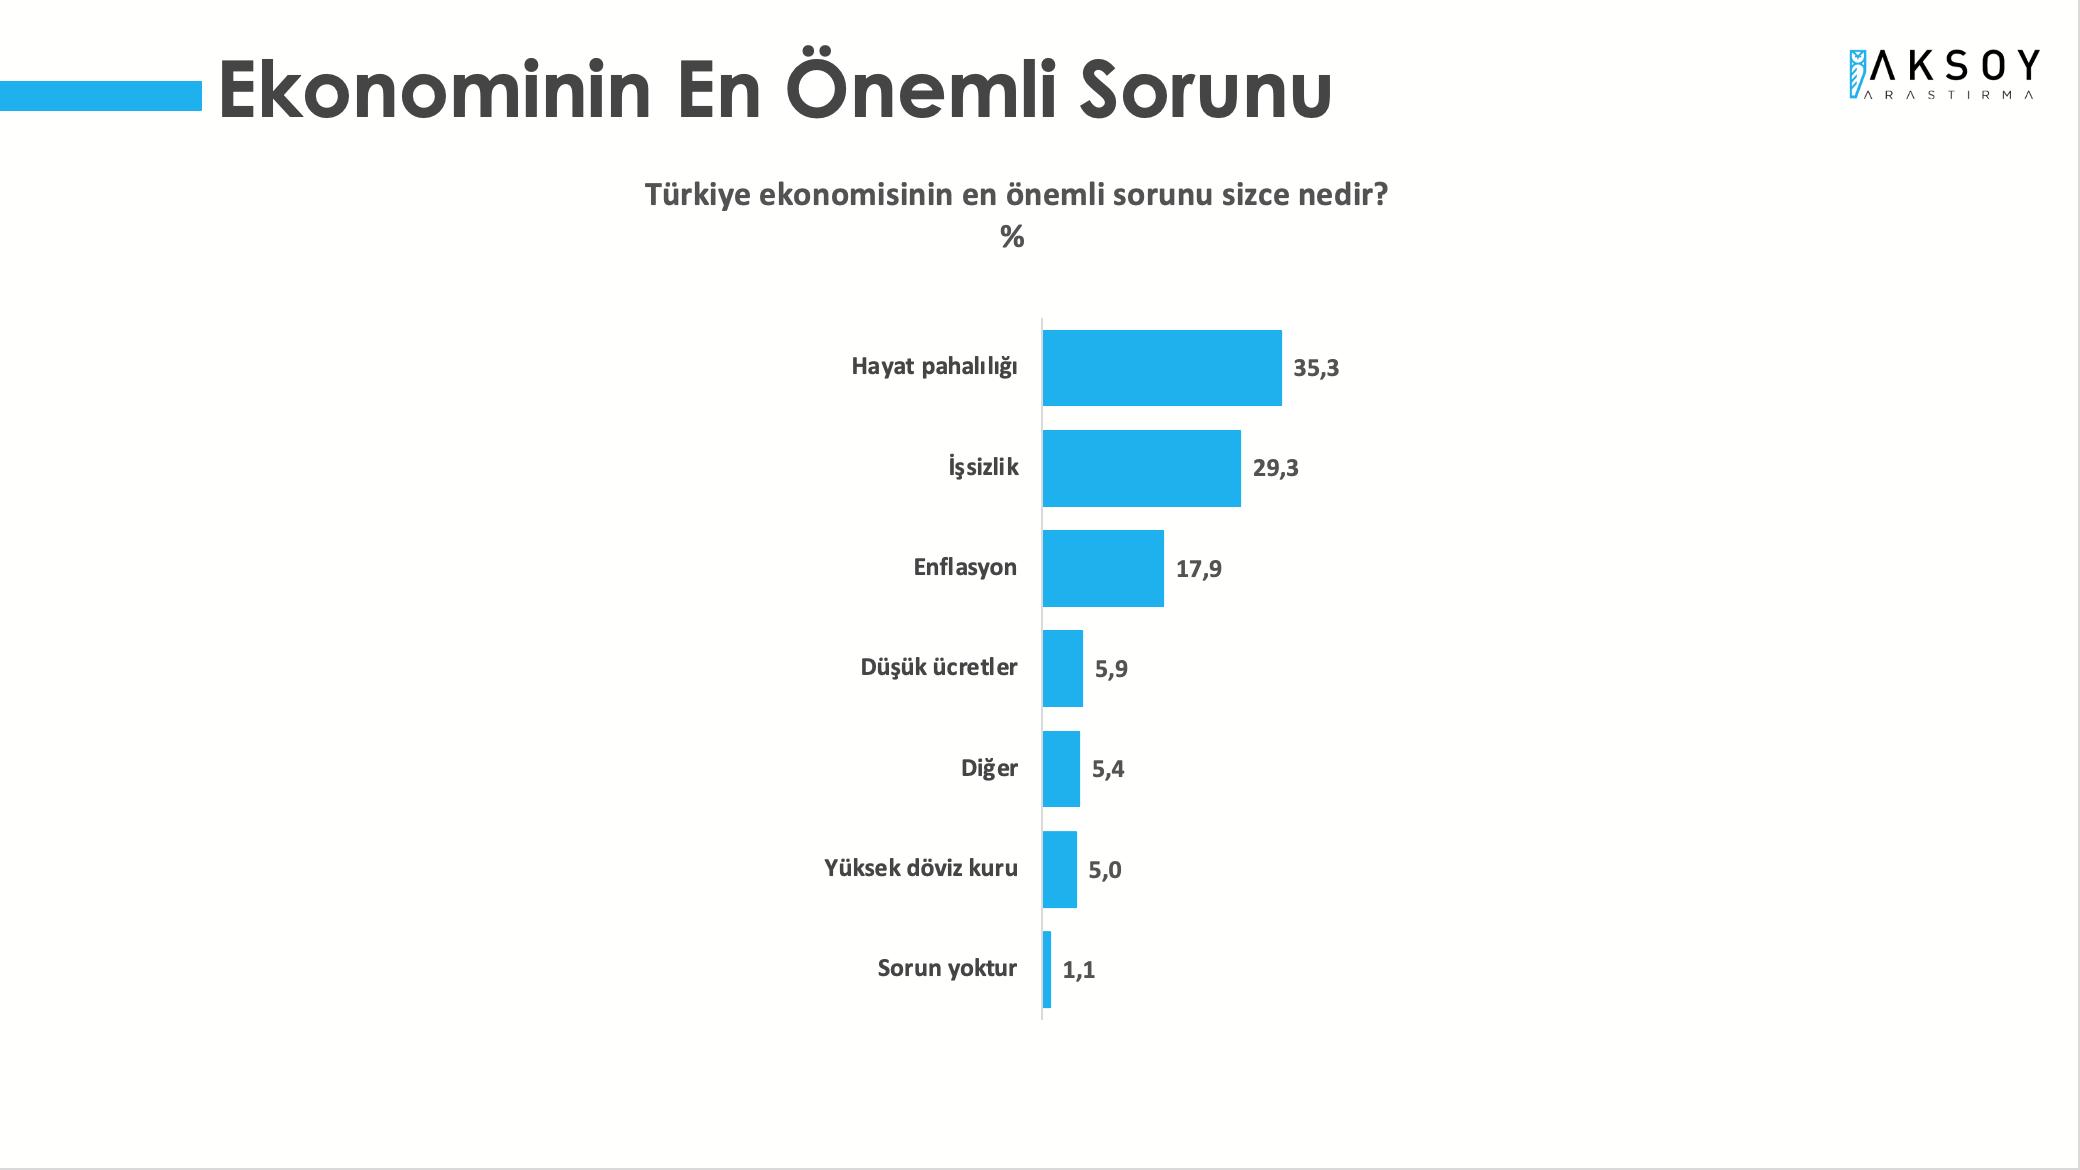 <p><strong>EKONOMİNİN EN ÖNEMLİ SORUNU HAYAT PAHALILIĞI</strong></p><p>Türkiye Monitörü Mayıs 2021 araştırmasında, katılımcılara Türkiye ekonomisinin en önemli sorunu sizce nedir? diye soruldu. Araştırmaya katılanların yüzde 35,3'ü Türkiye ekonomisinin en önemli sorunu 'hayat pahalılığı' yanıtını verdi. İkinci sırada ise, yüzde 29,3 ile 'işsizlik' gelirken, onu yüzde 17,9 ile 'enflasyon' yanıtı takip etti.</p>